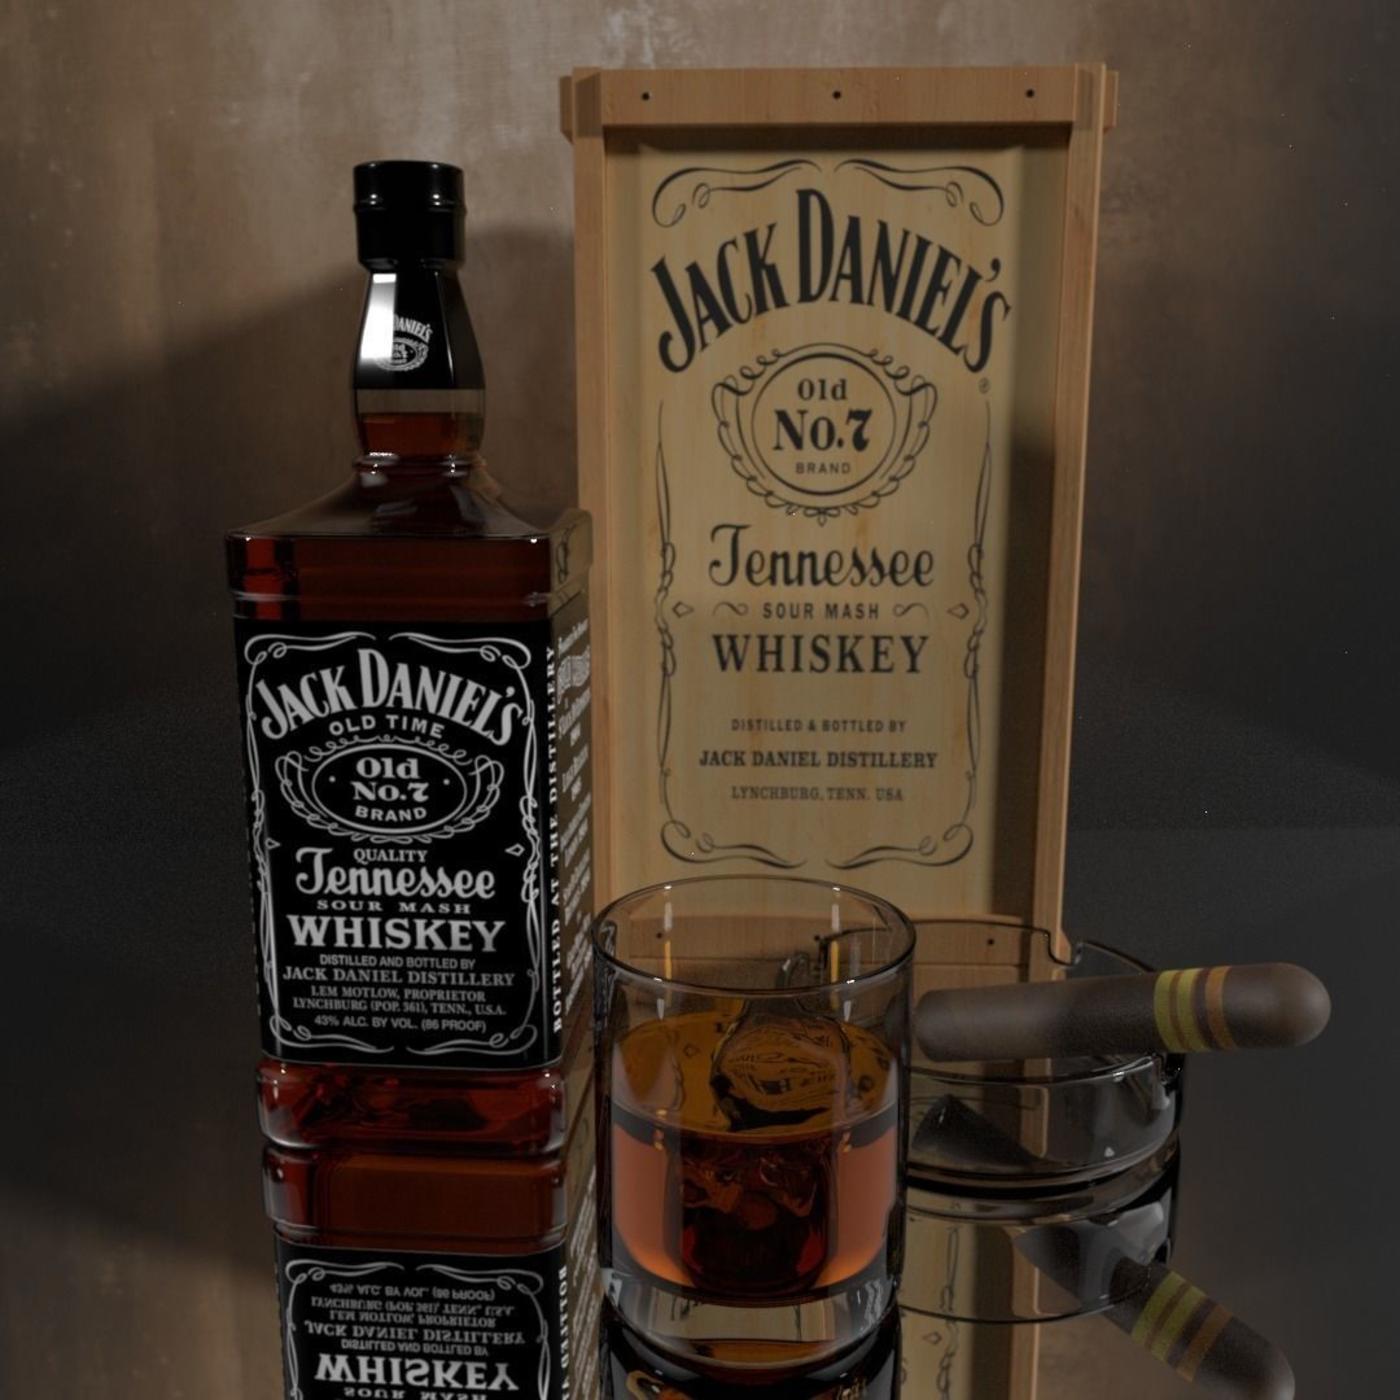 Jack Daniels Bottle Study